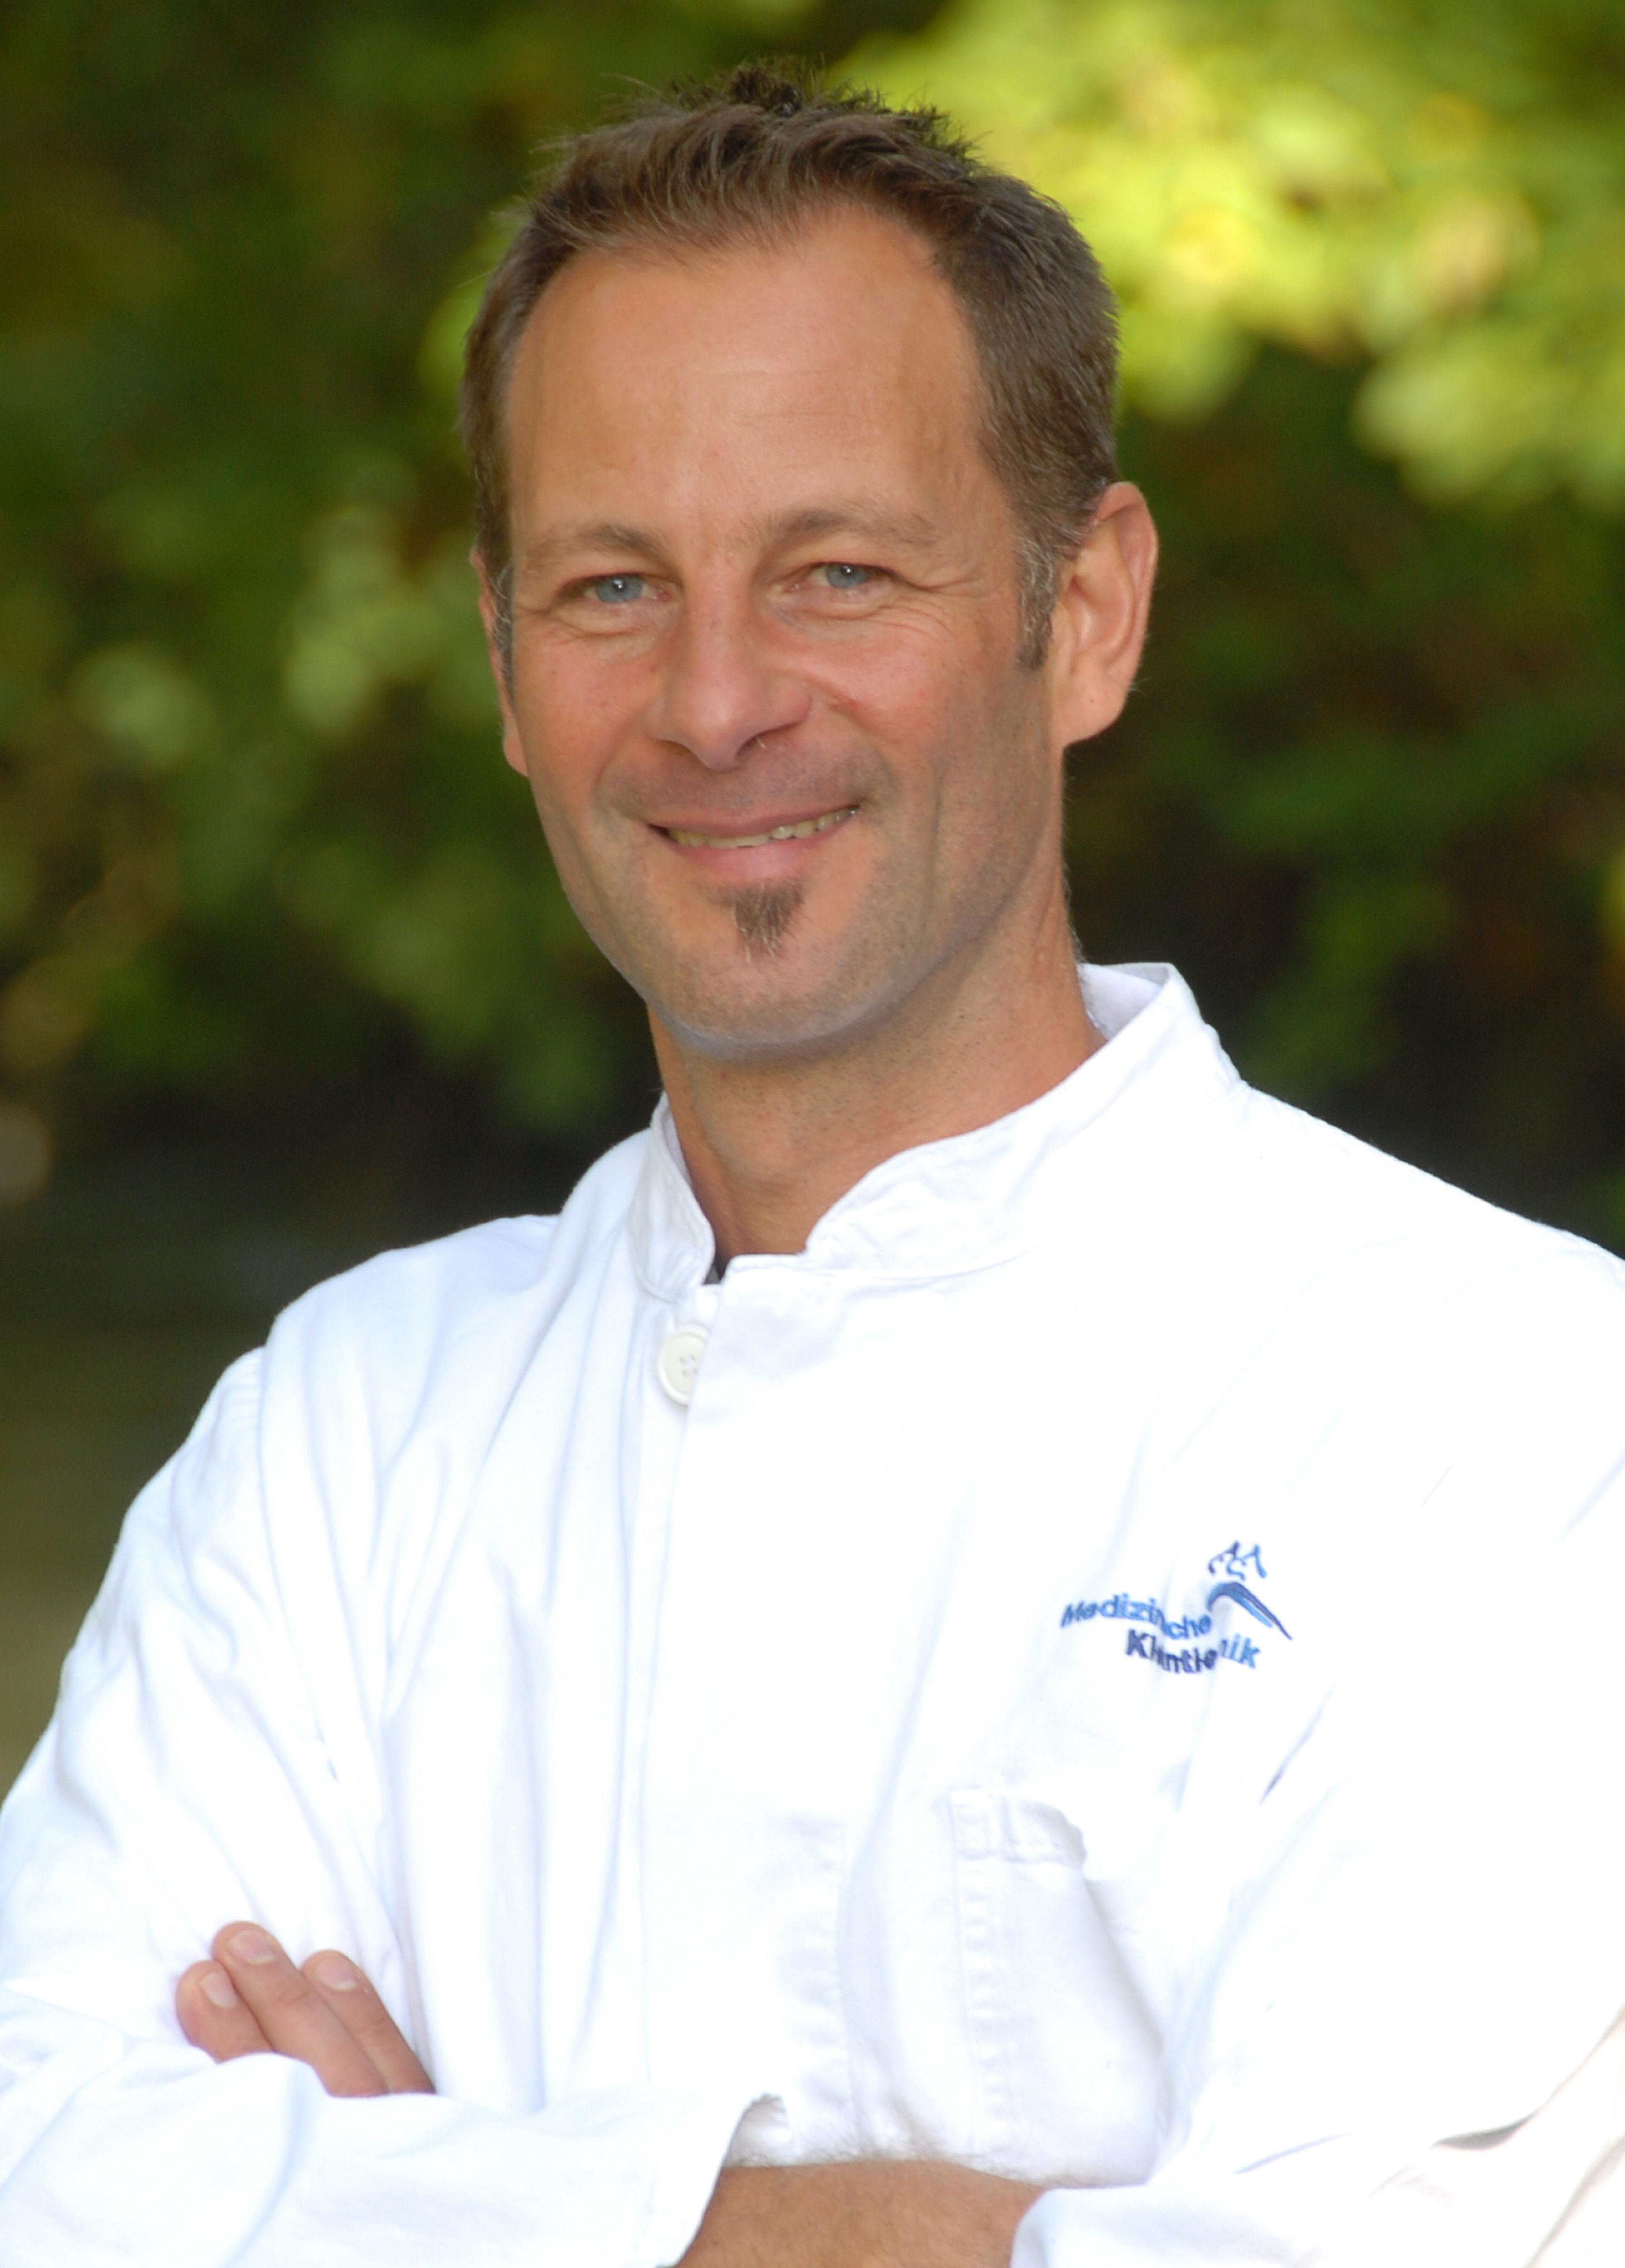 Stefan Unterer